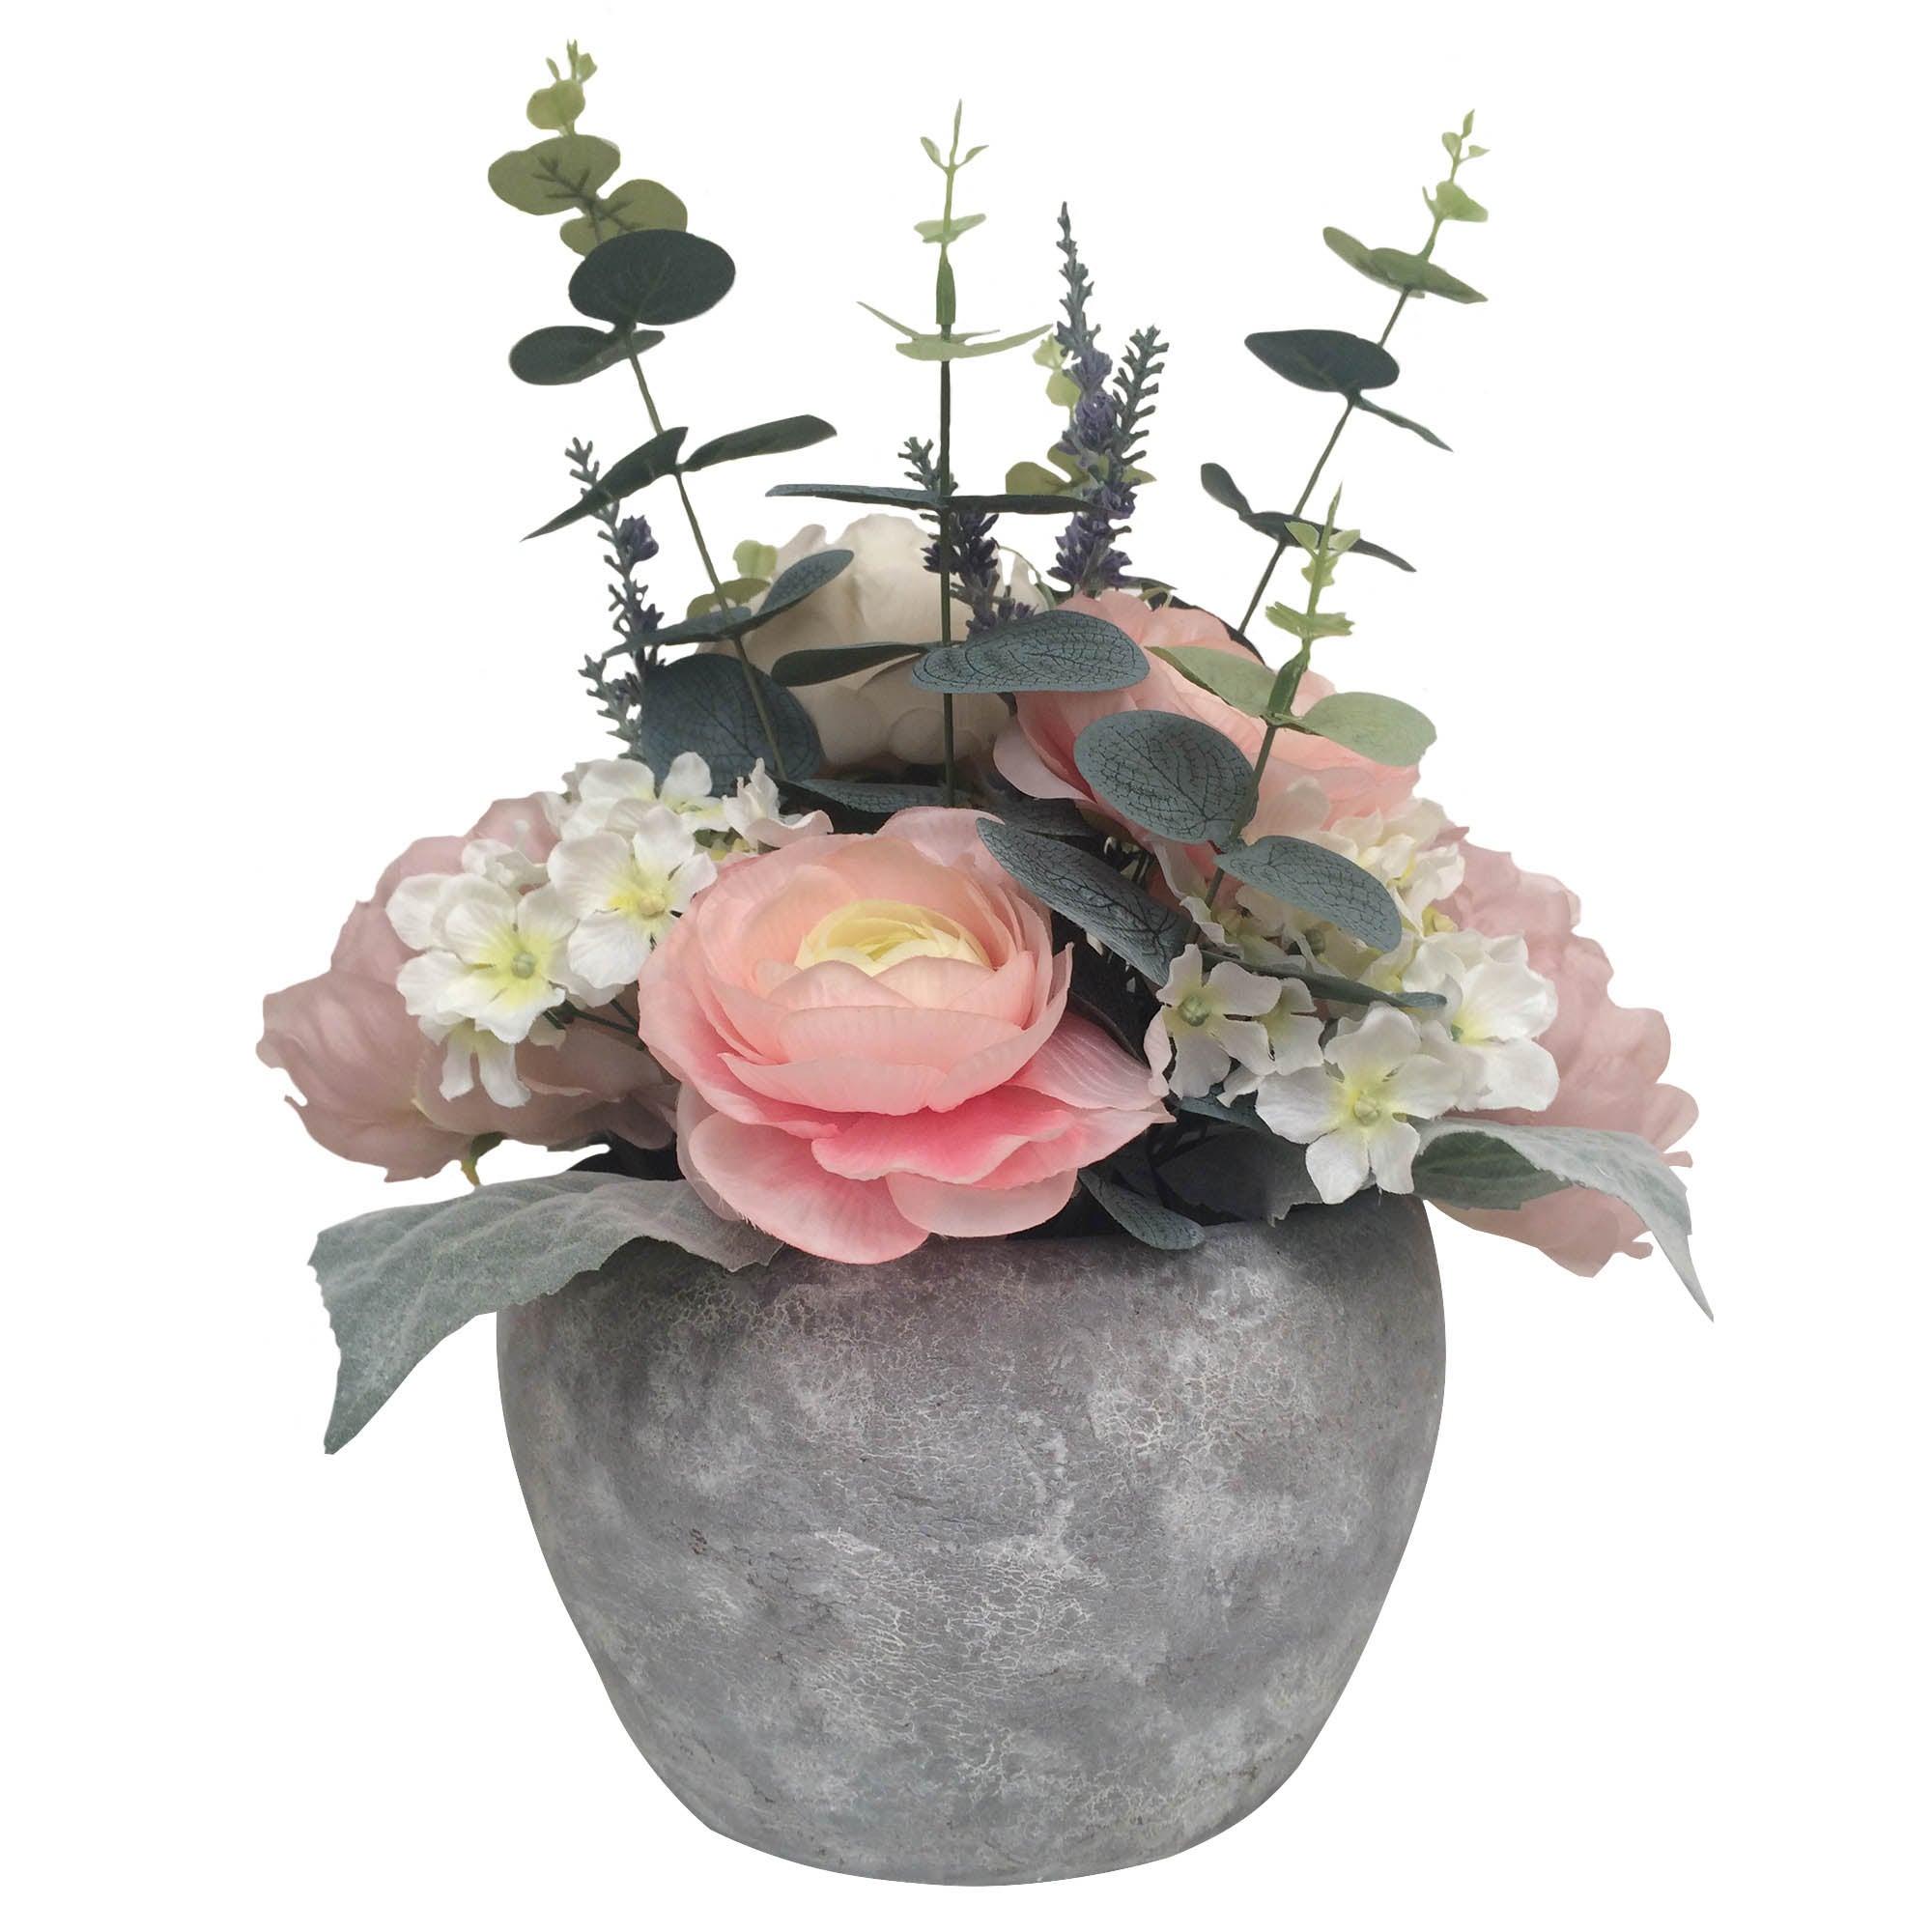 Image of Peony Flower Arrangement in Pot Pink